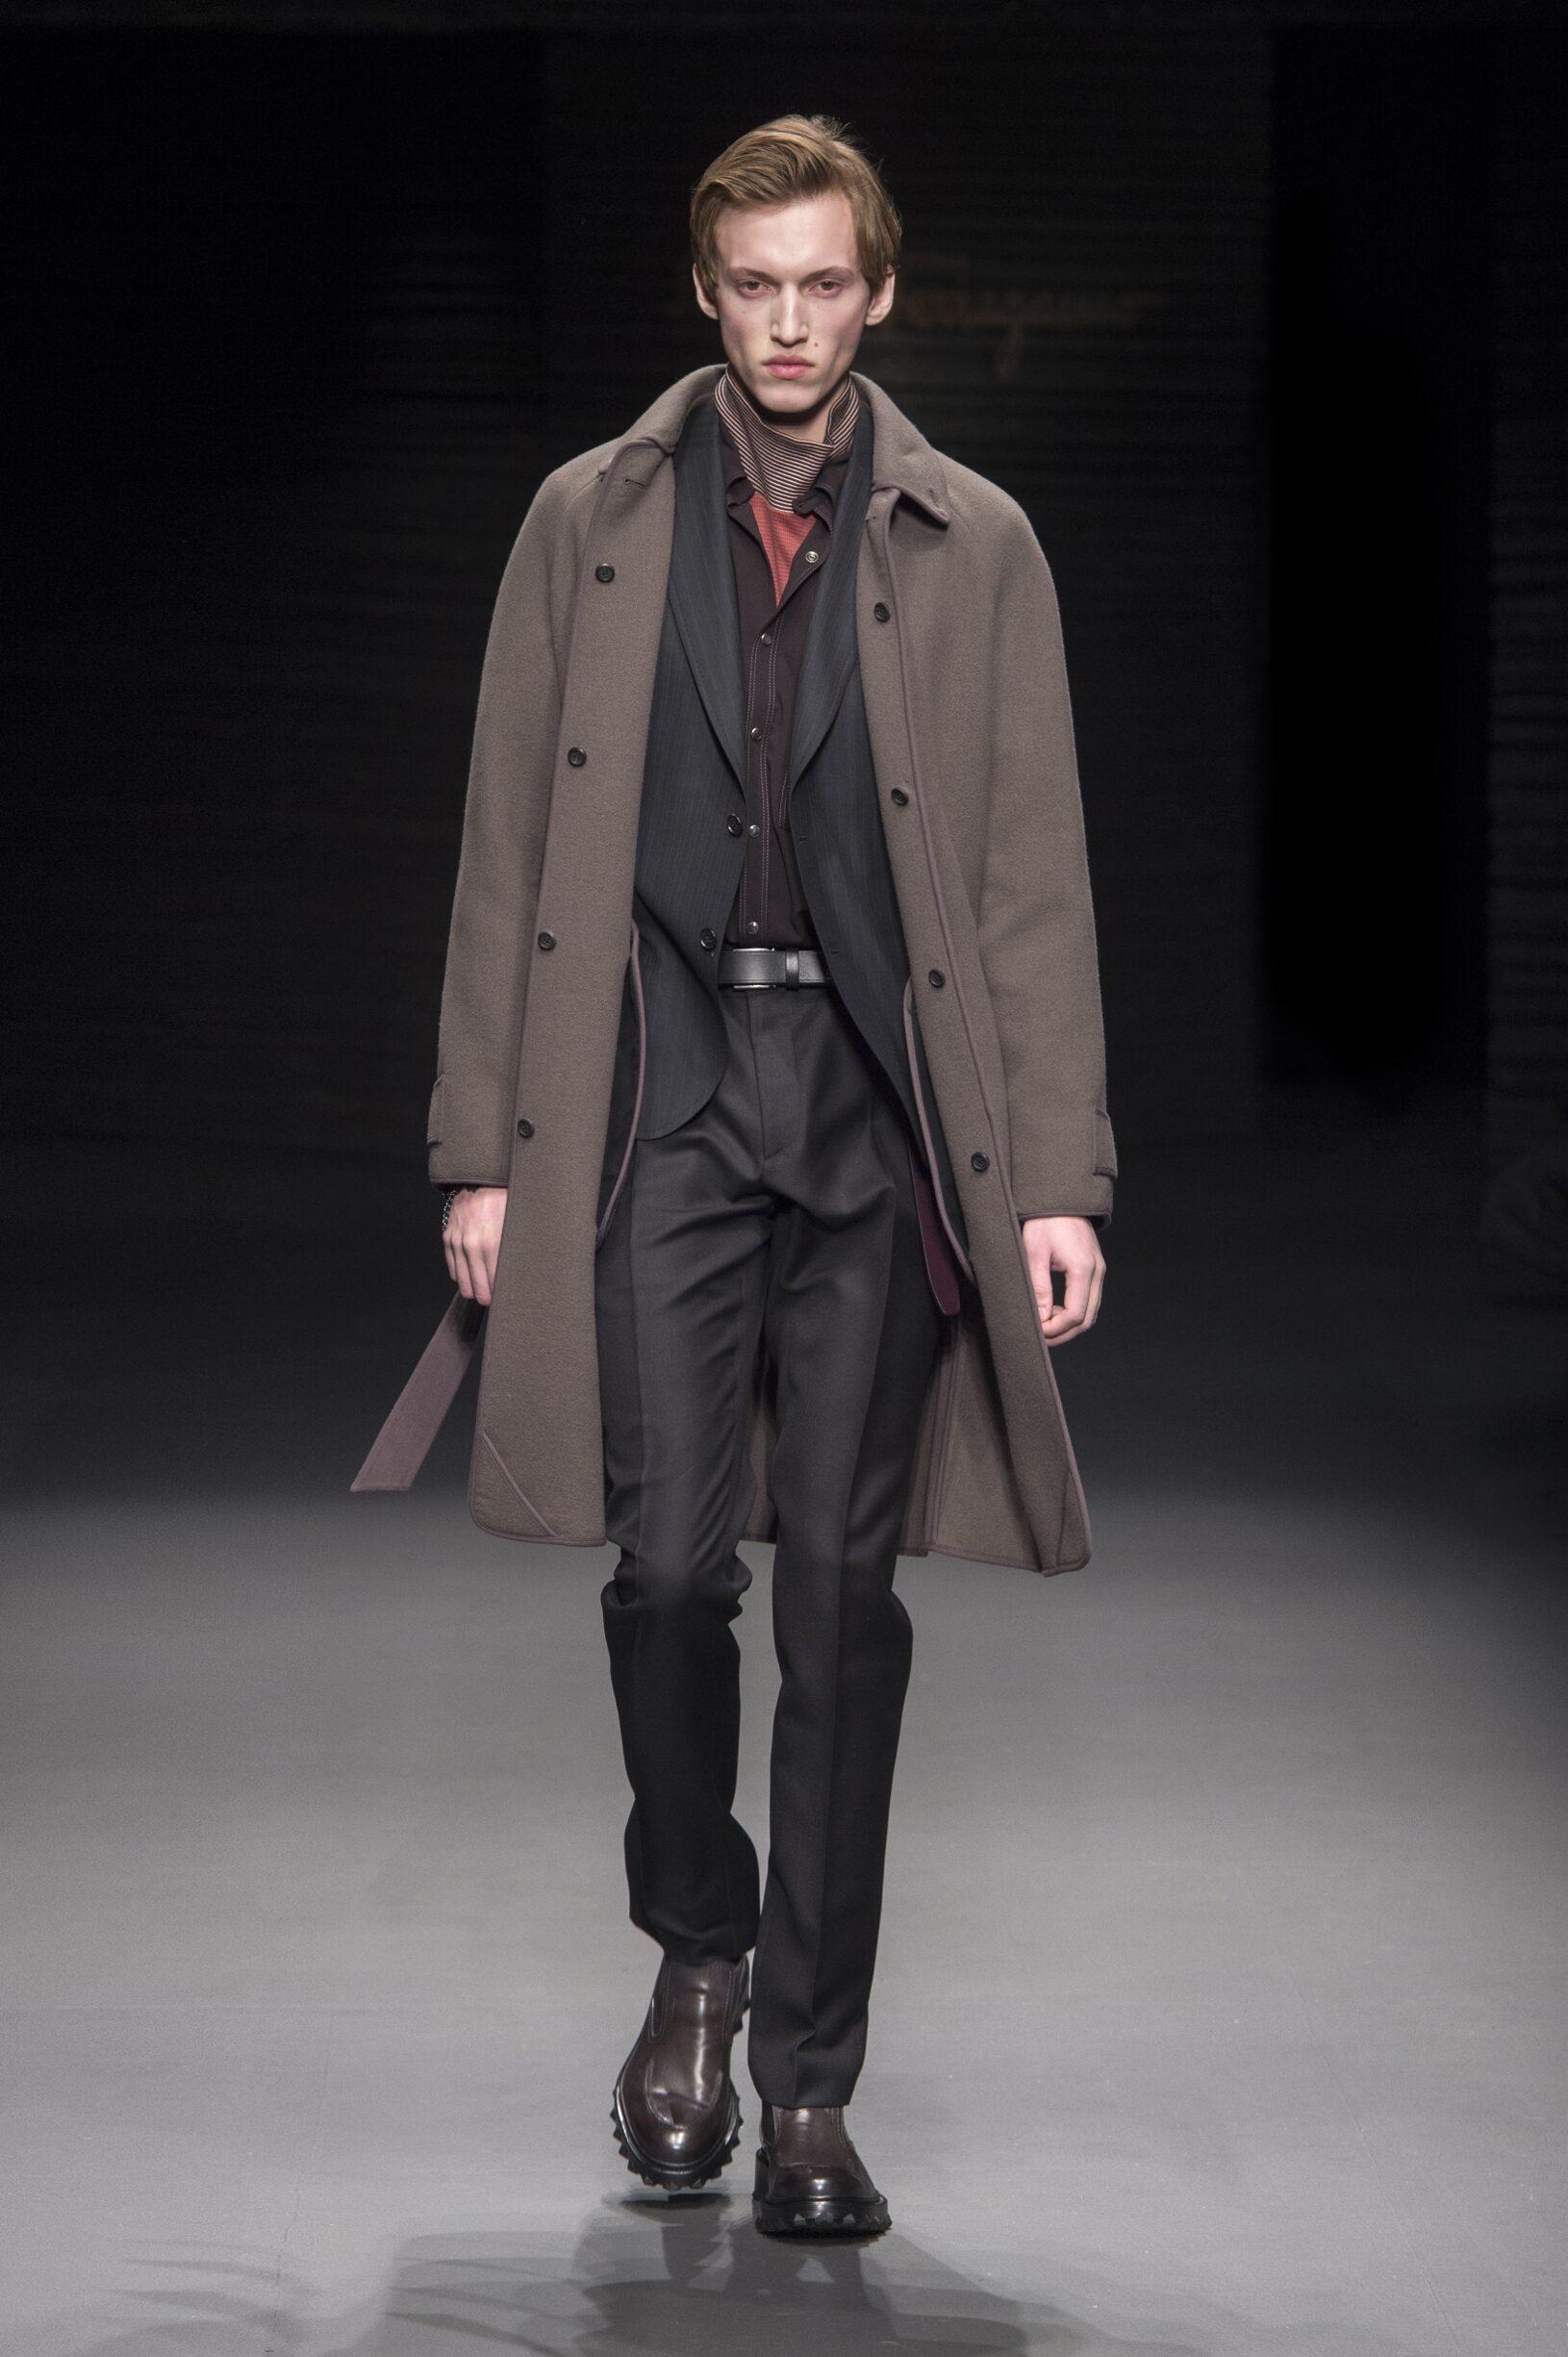 Fall Fashion Trends 2017 Salvatore Ferragamo